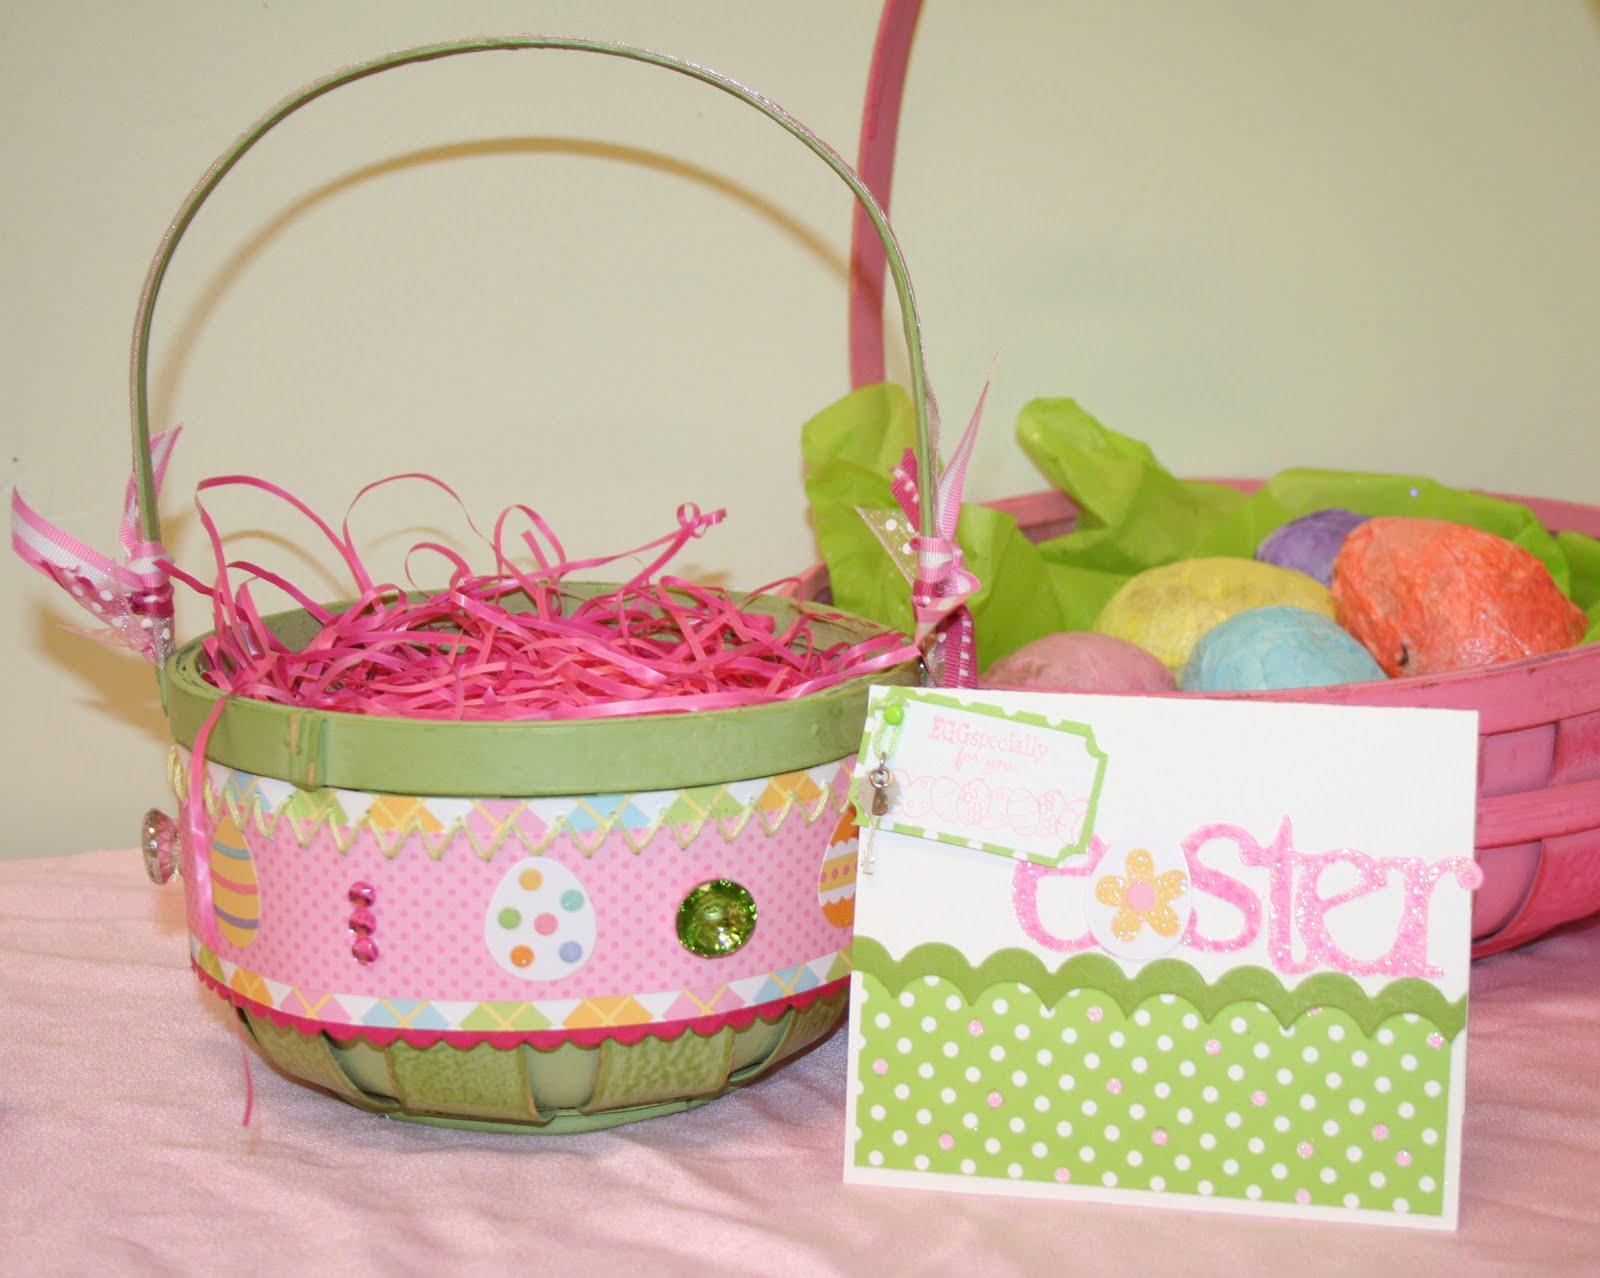 http://3.bp.blogspot.com/-tmbjiCEomCY/TaiHbJd-x3I/AAAAAAAAFOM/cIkng2s1enY/s1600/Easter%2BBasket4.jpg